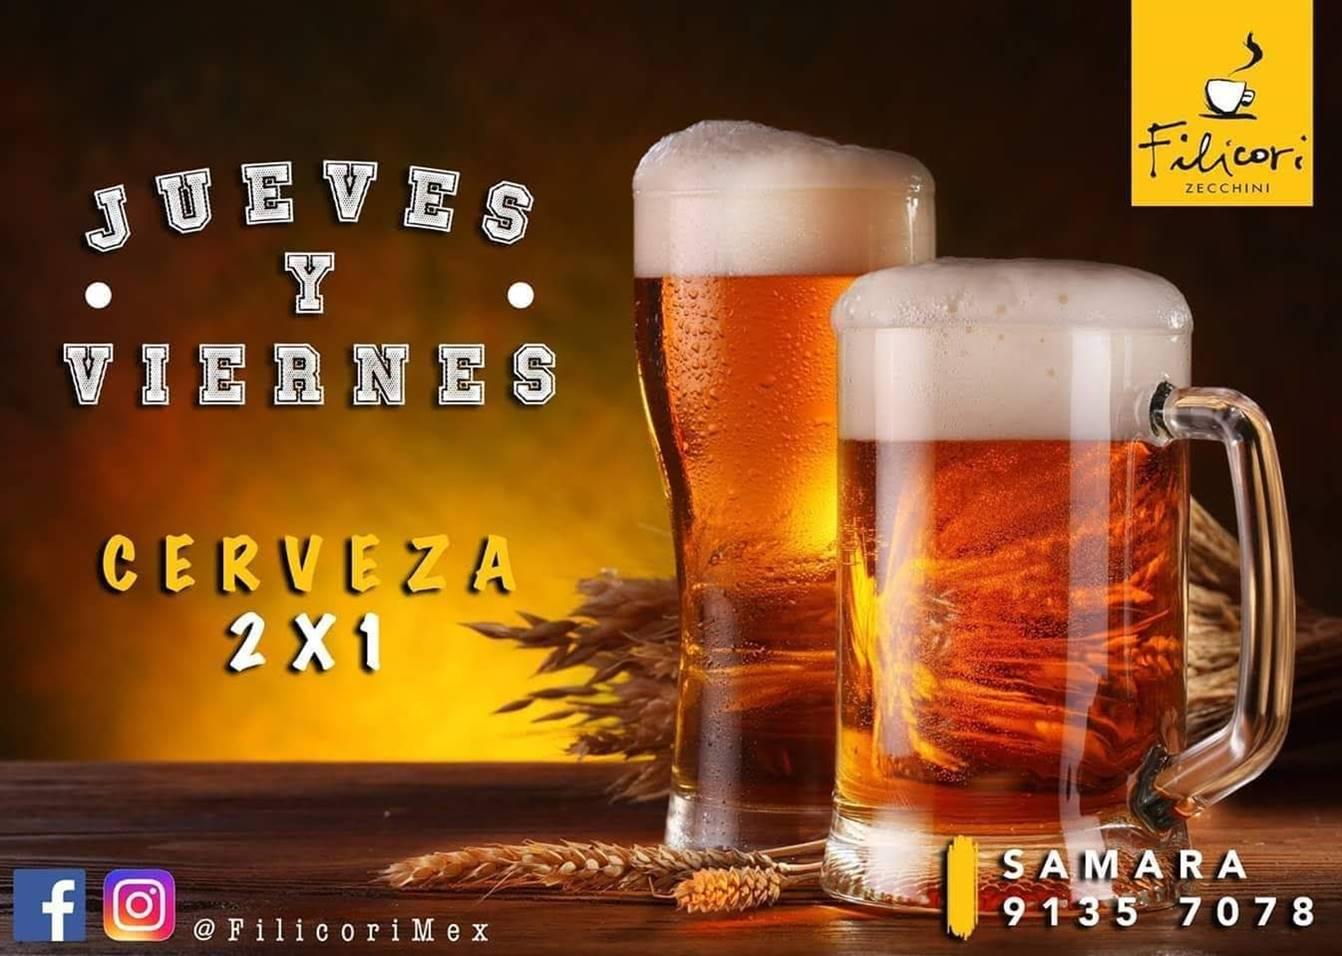 Filicori Cerveza